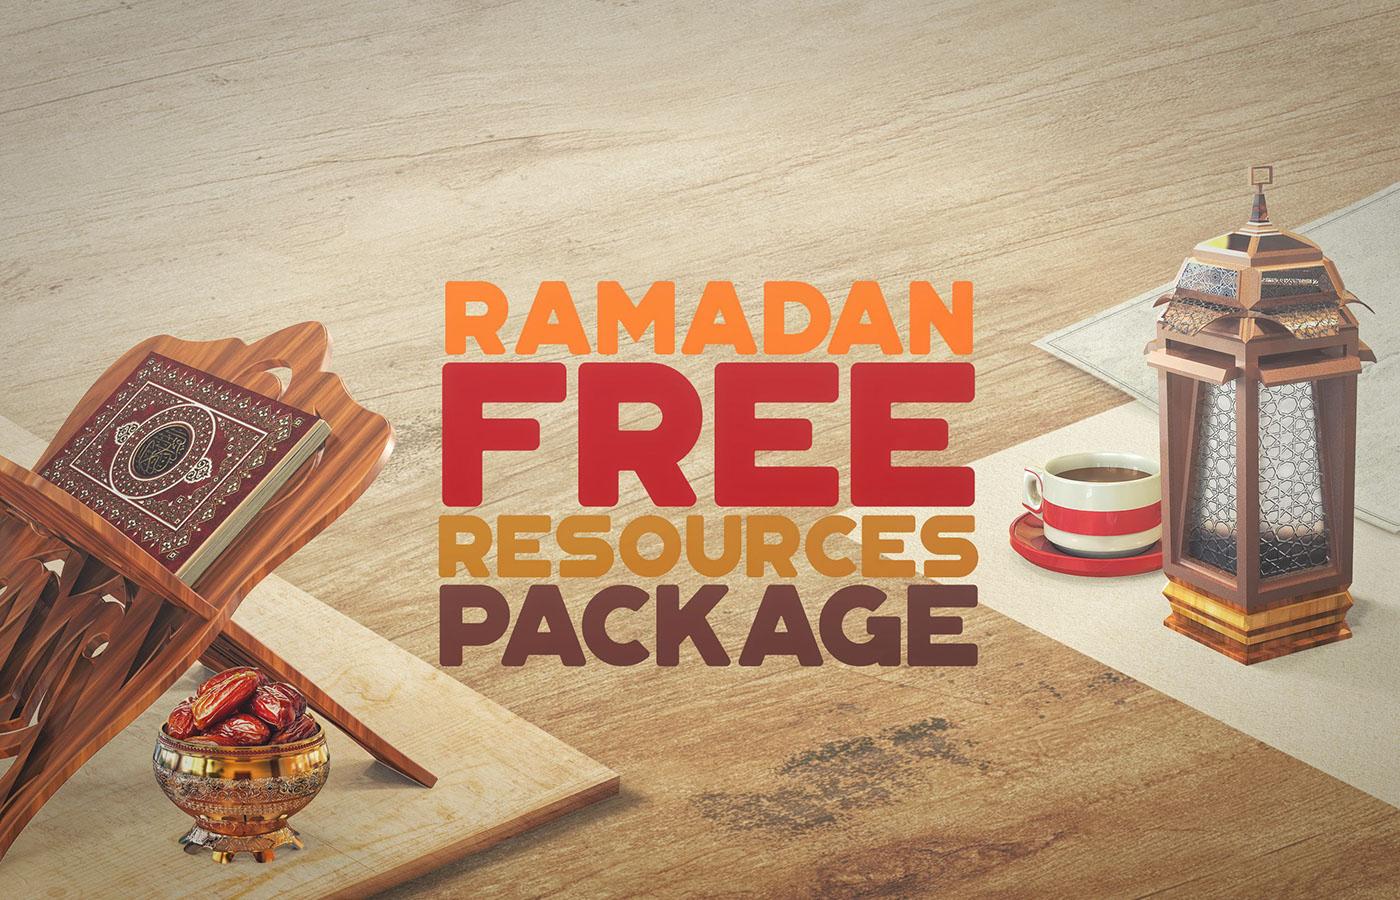 خلفيات وملحقات رمضان - موقع بلال ارت